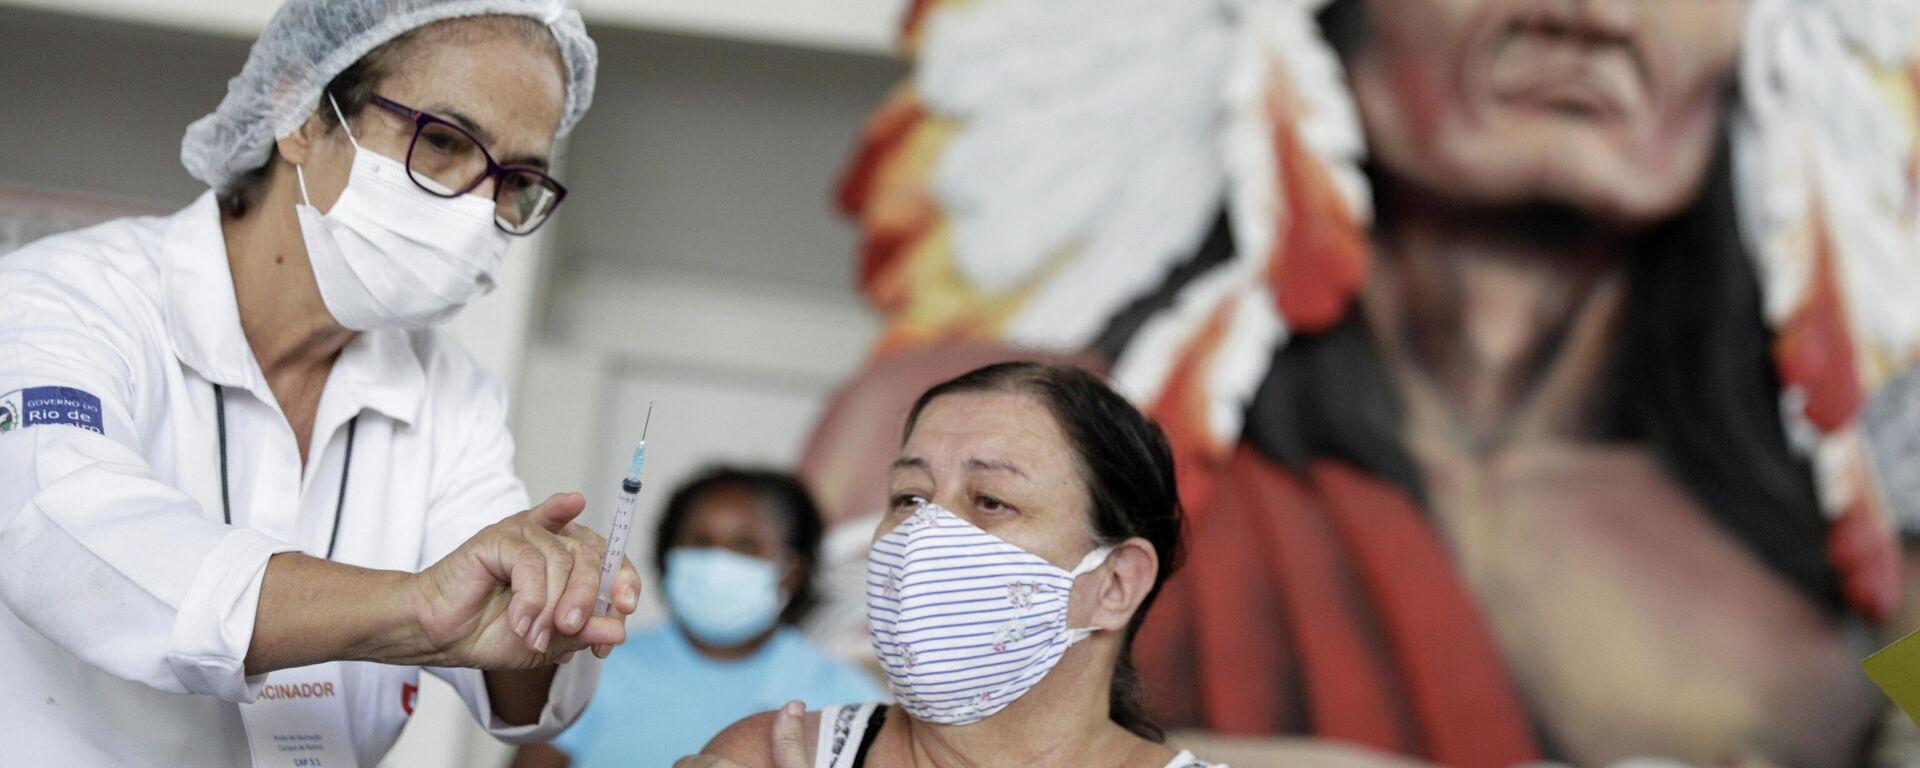 Impfung mit der chinesischen Corona-Vakzine CoronaVac in Rio de Janeiro, 8. April 2021 - SNA, 1920, 13.04.2021